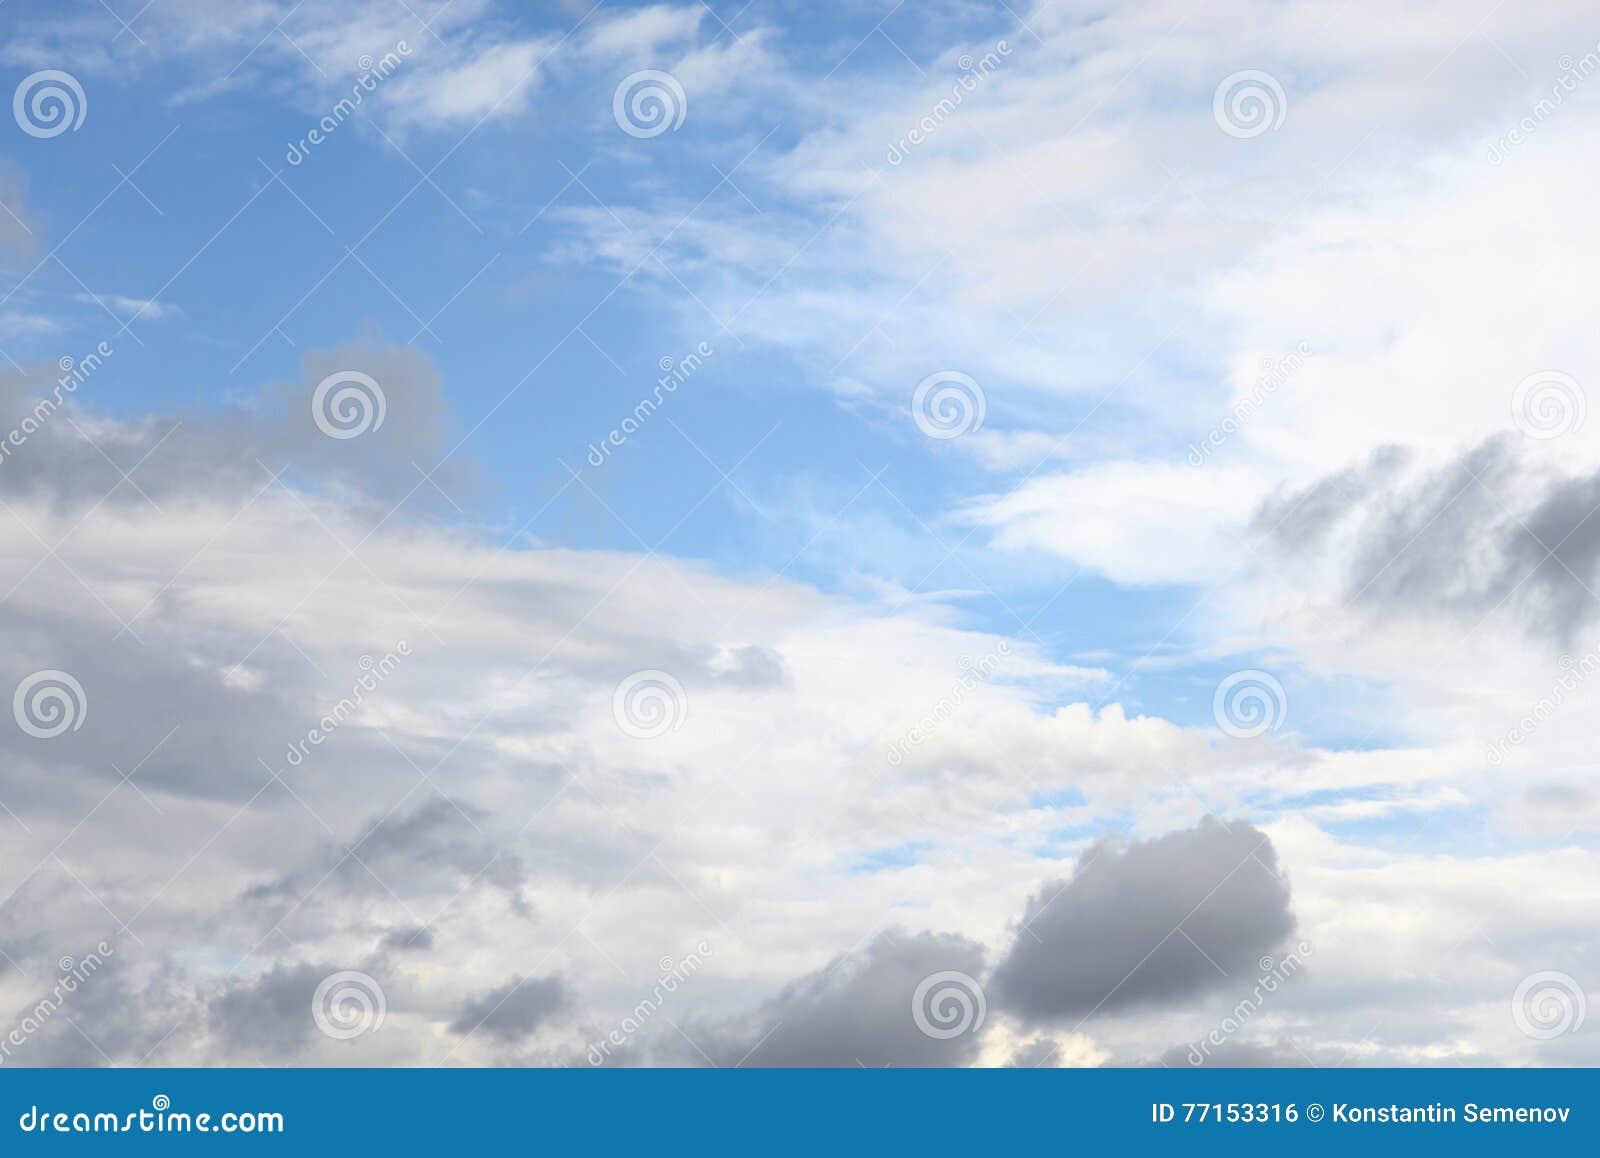 Nuages de pluie foncés et sinistres et ciel bleu